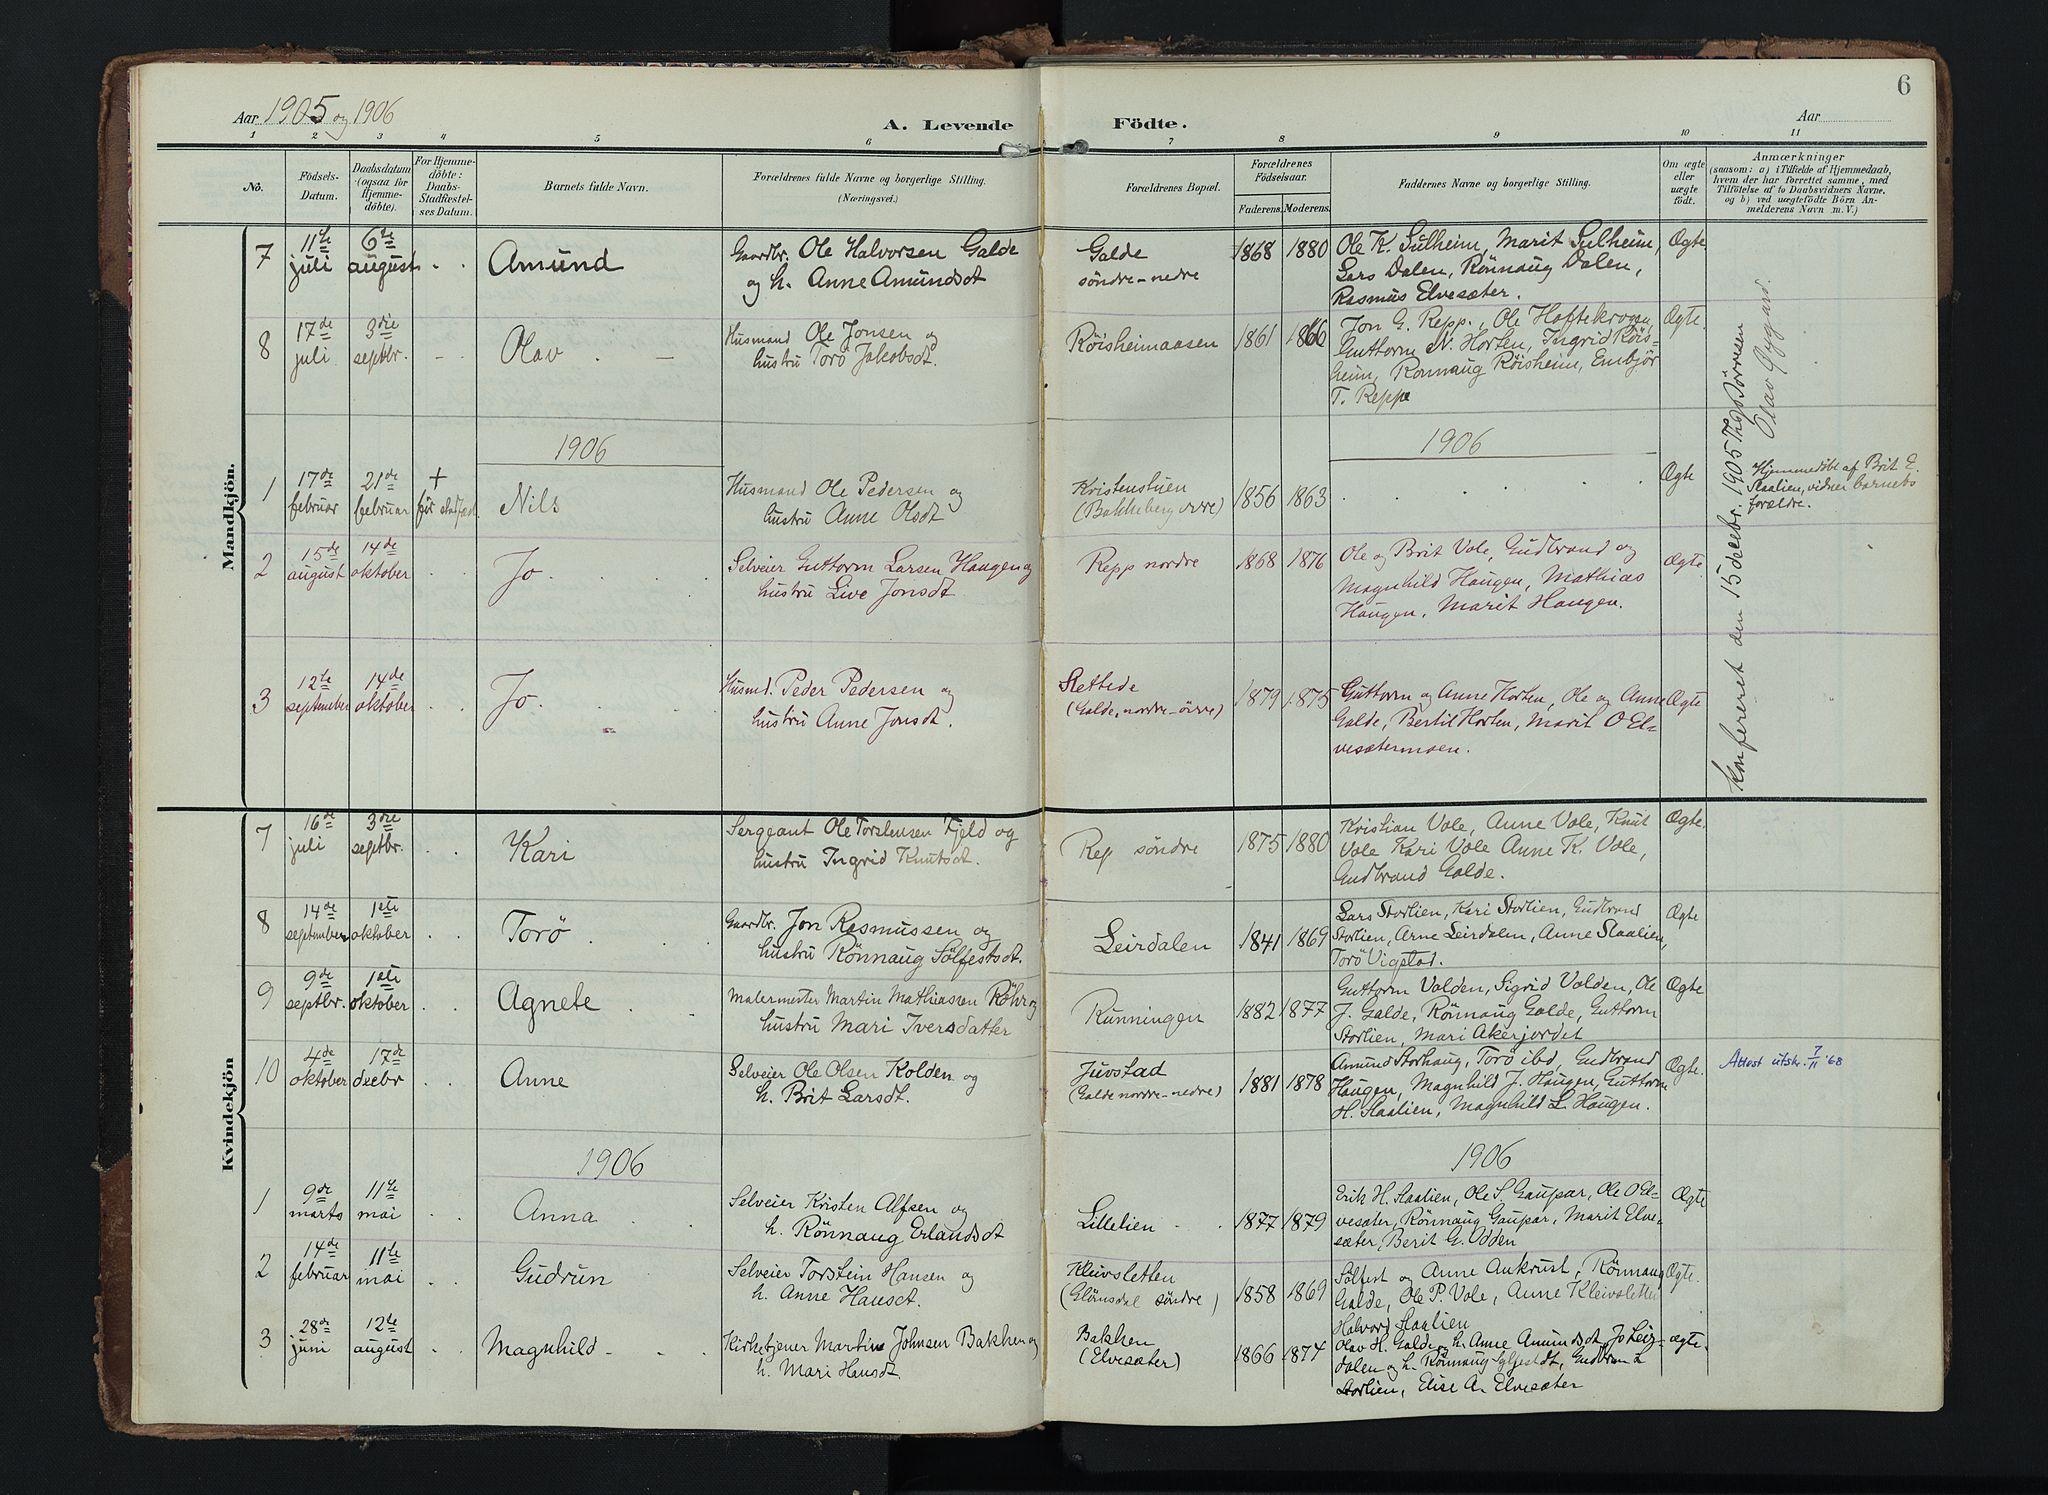 SAH, Lom prestekontor, K/L0012: Ministerialbok nr. 12, 1904-1928, s. 6